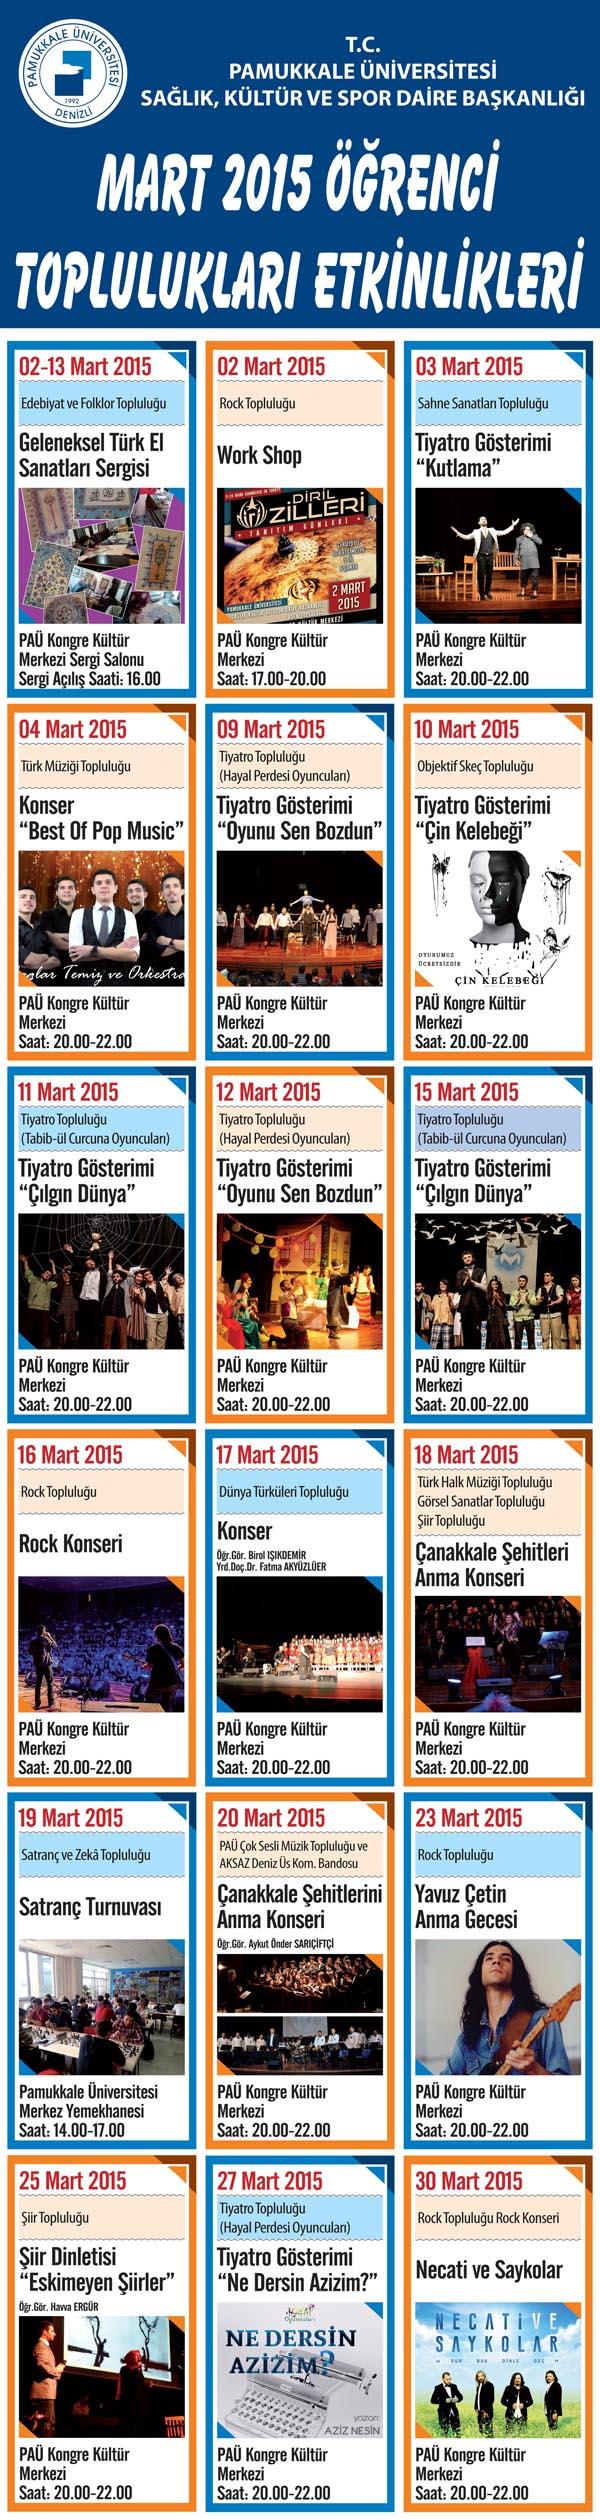 Pamukkale üniversitesi Mart 2015 öğrenci toplulukları etkinlikleri